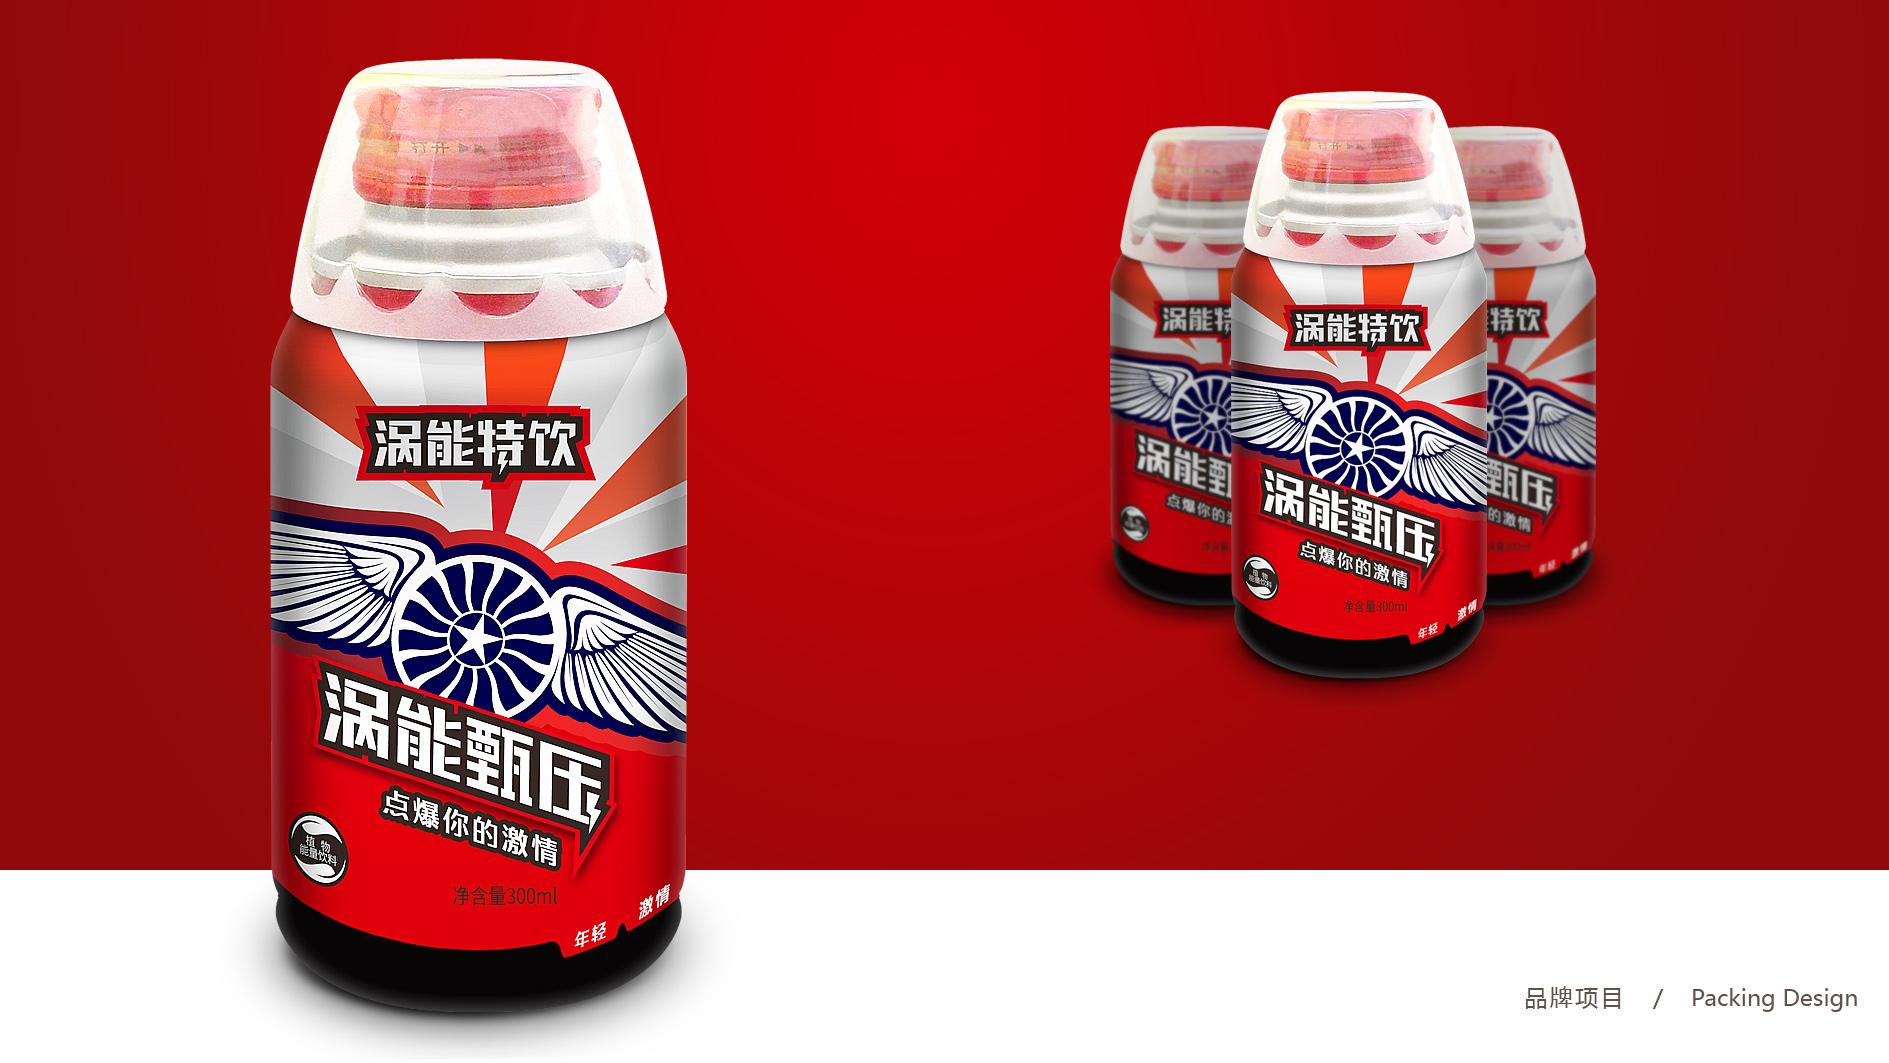 涡能特饮产品包装设计